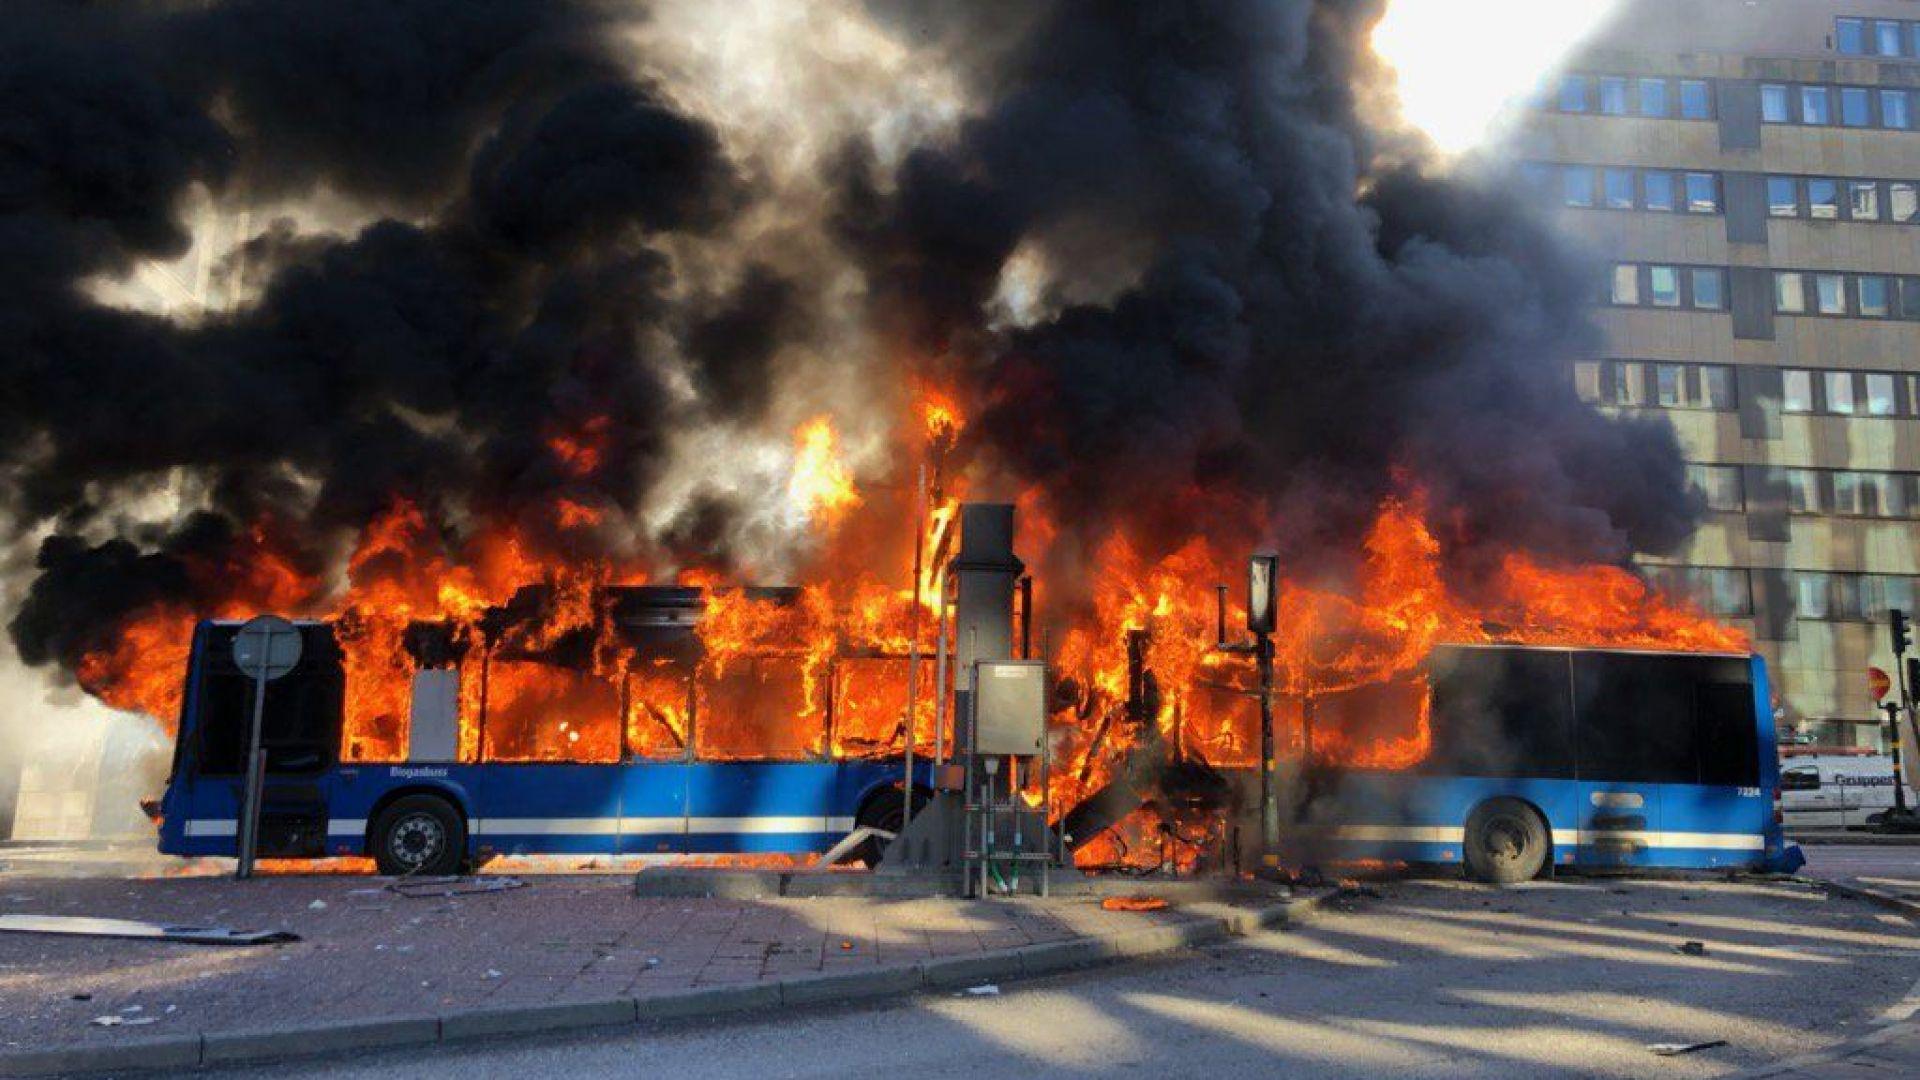 Мощна експлозия е разтърсила центъра на Стокхолм преди минути, съобщават